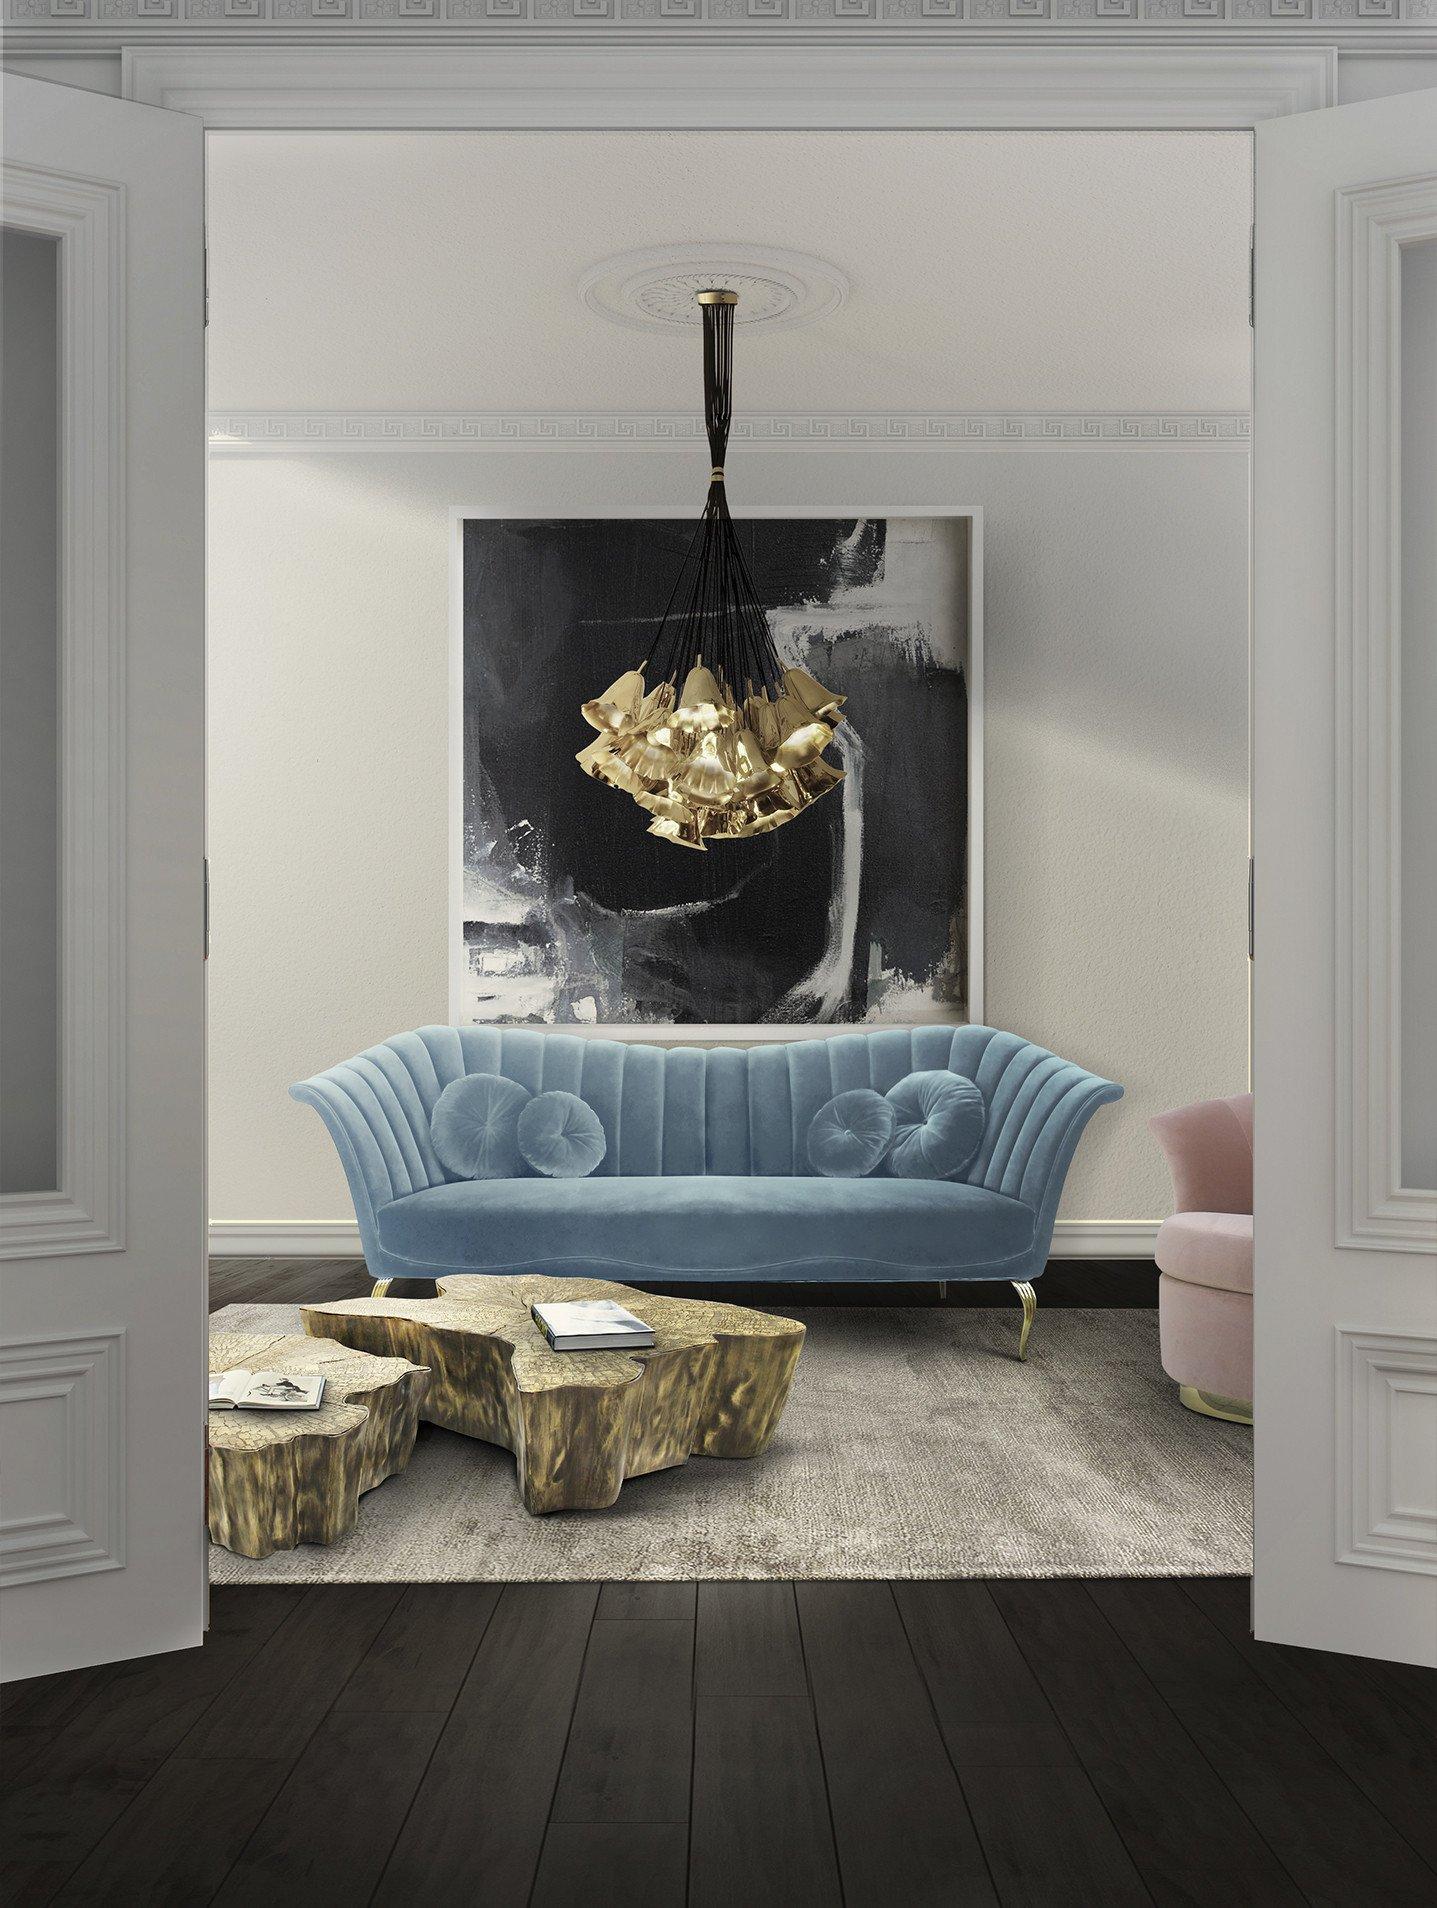 White Chair for Bedroom Fresh 16 Spectacular Gray Hardwood Floors Bedroom